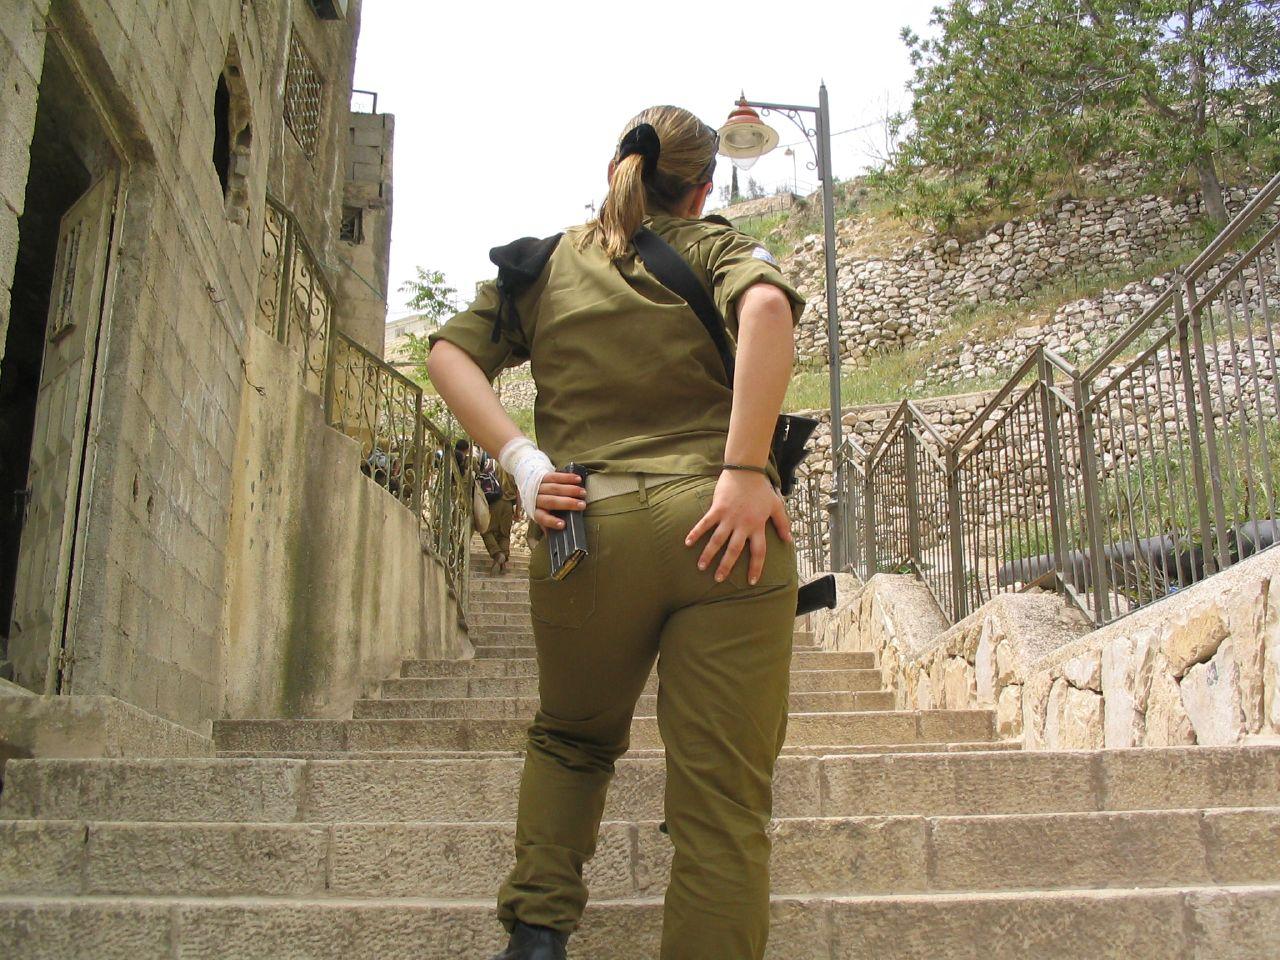 Частные фото девушек из армии 8 фотография